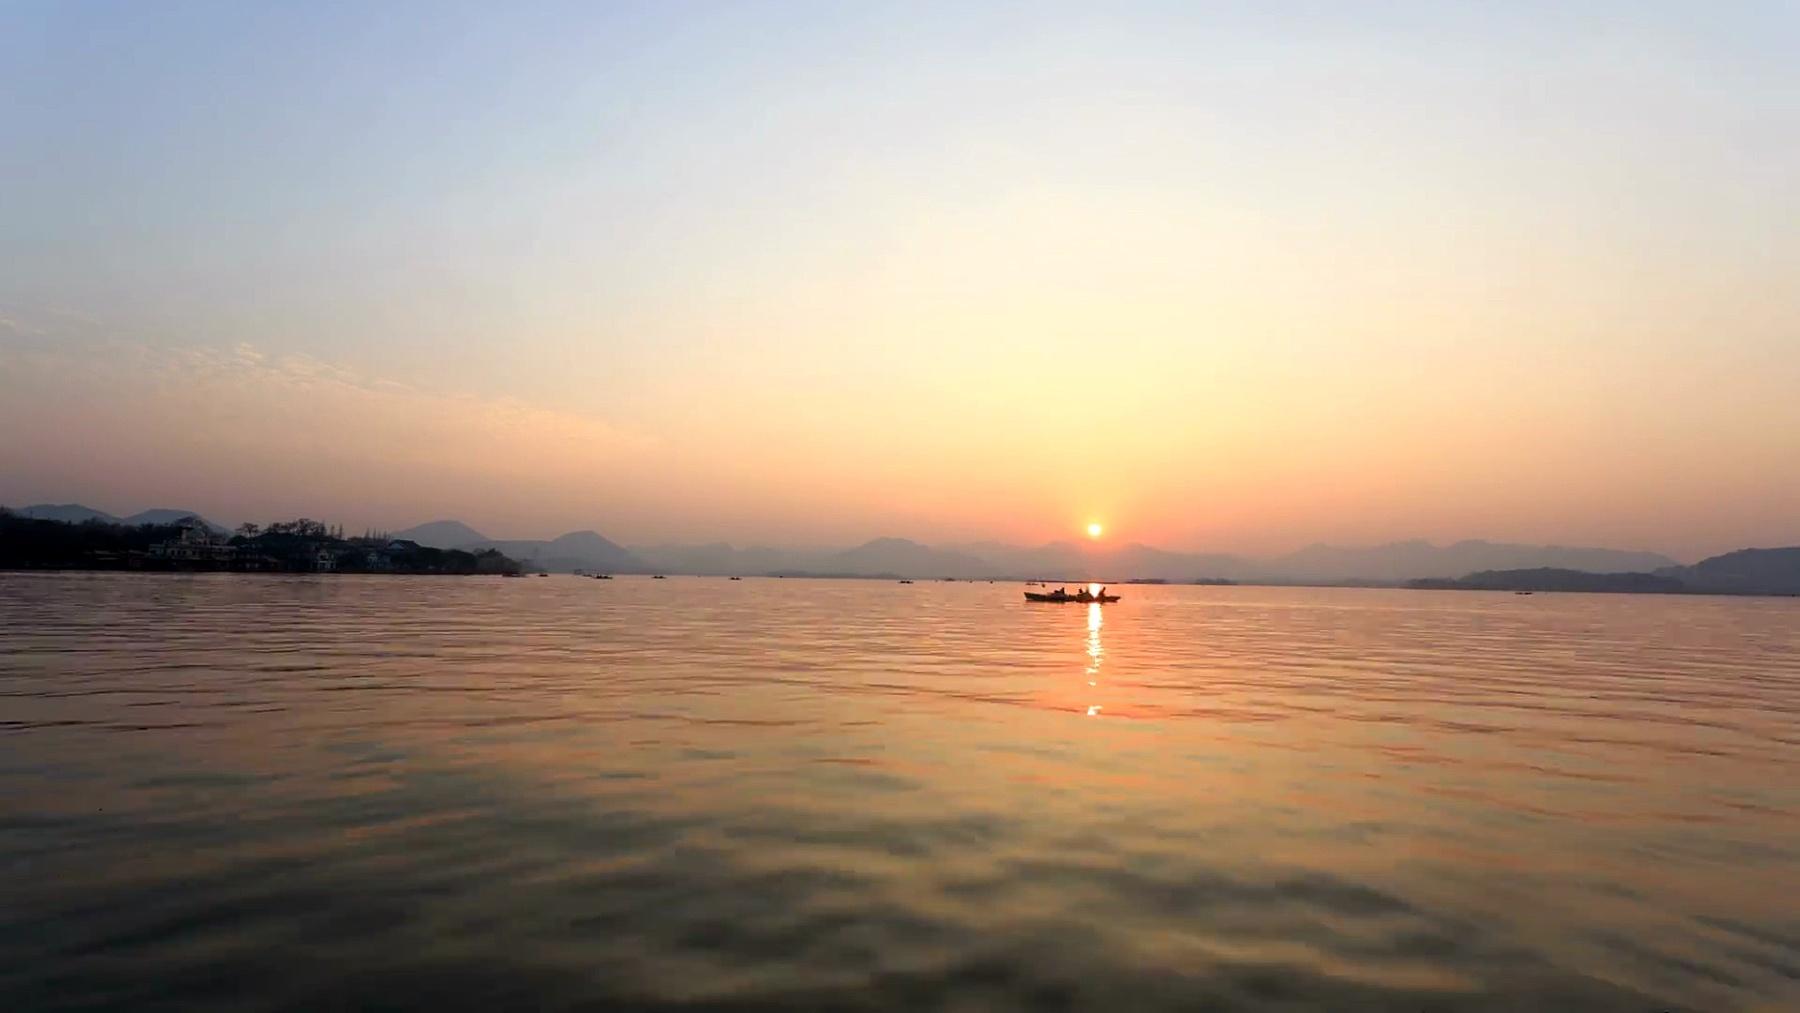 杭州西湖的天际线和日落,时光流逝